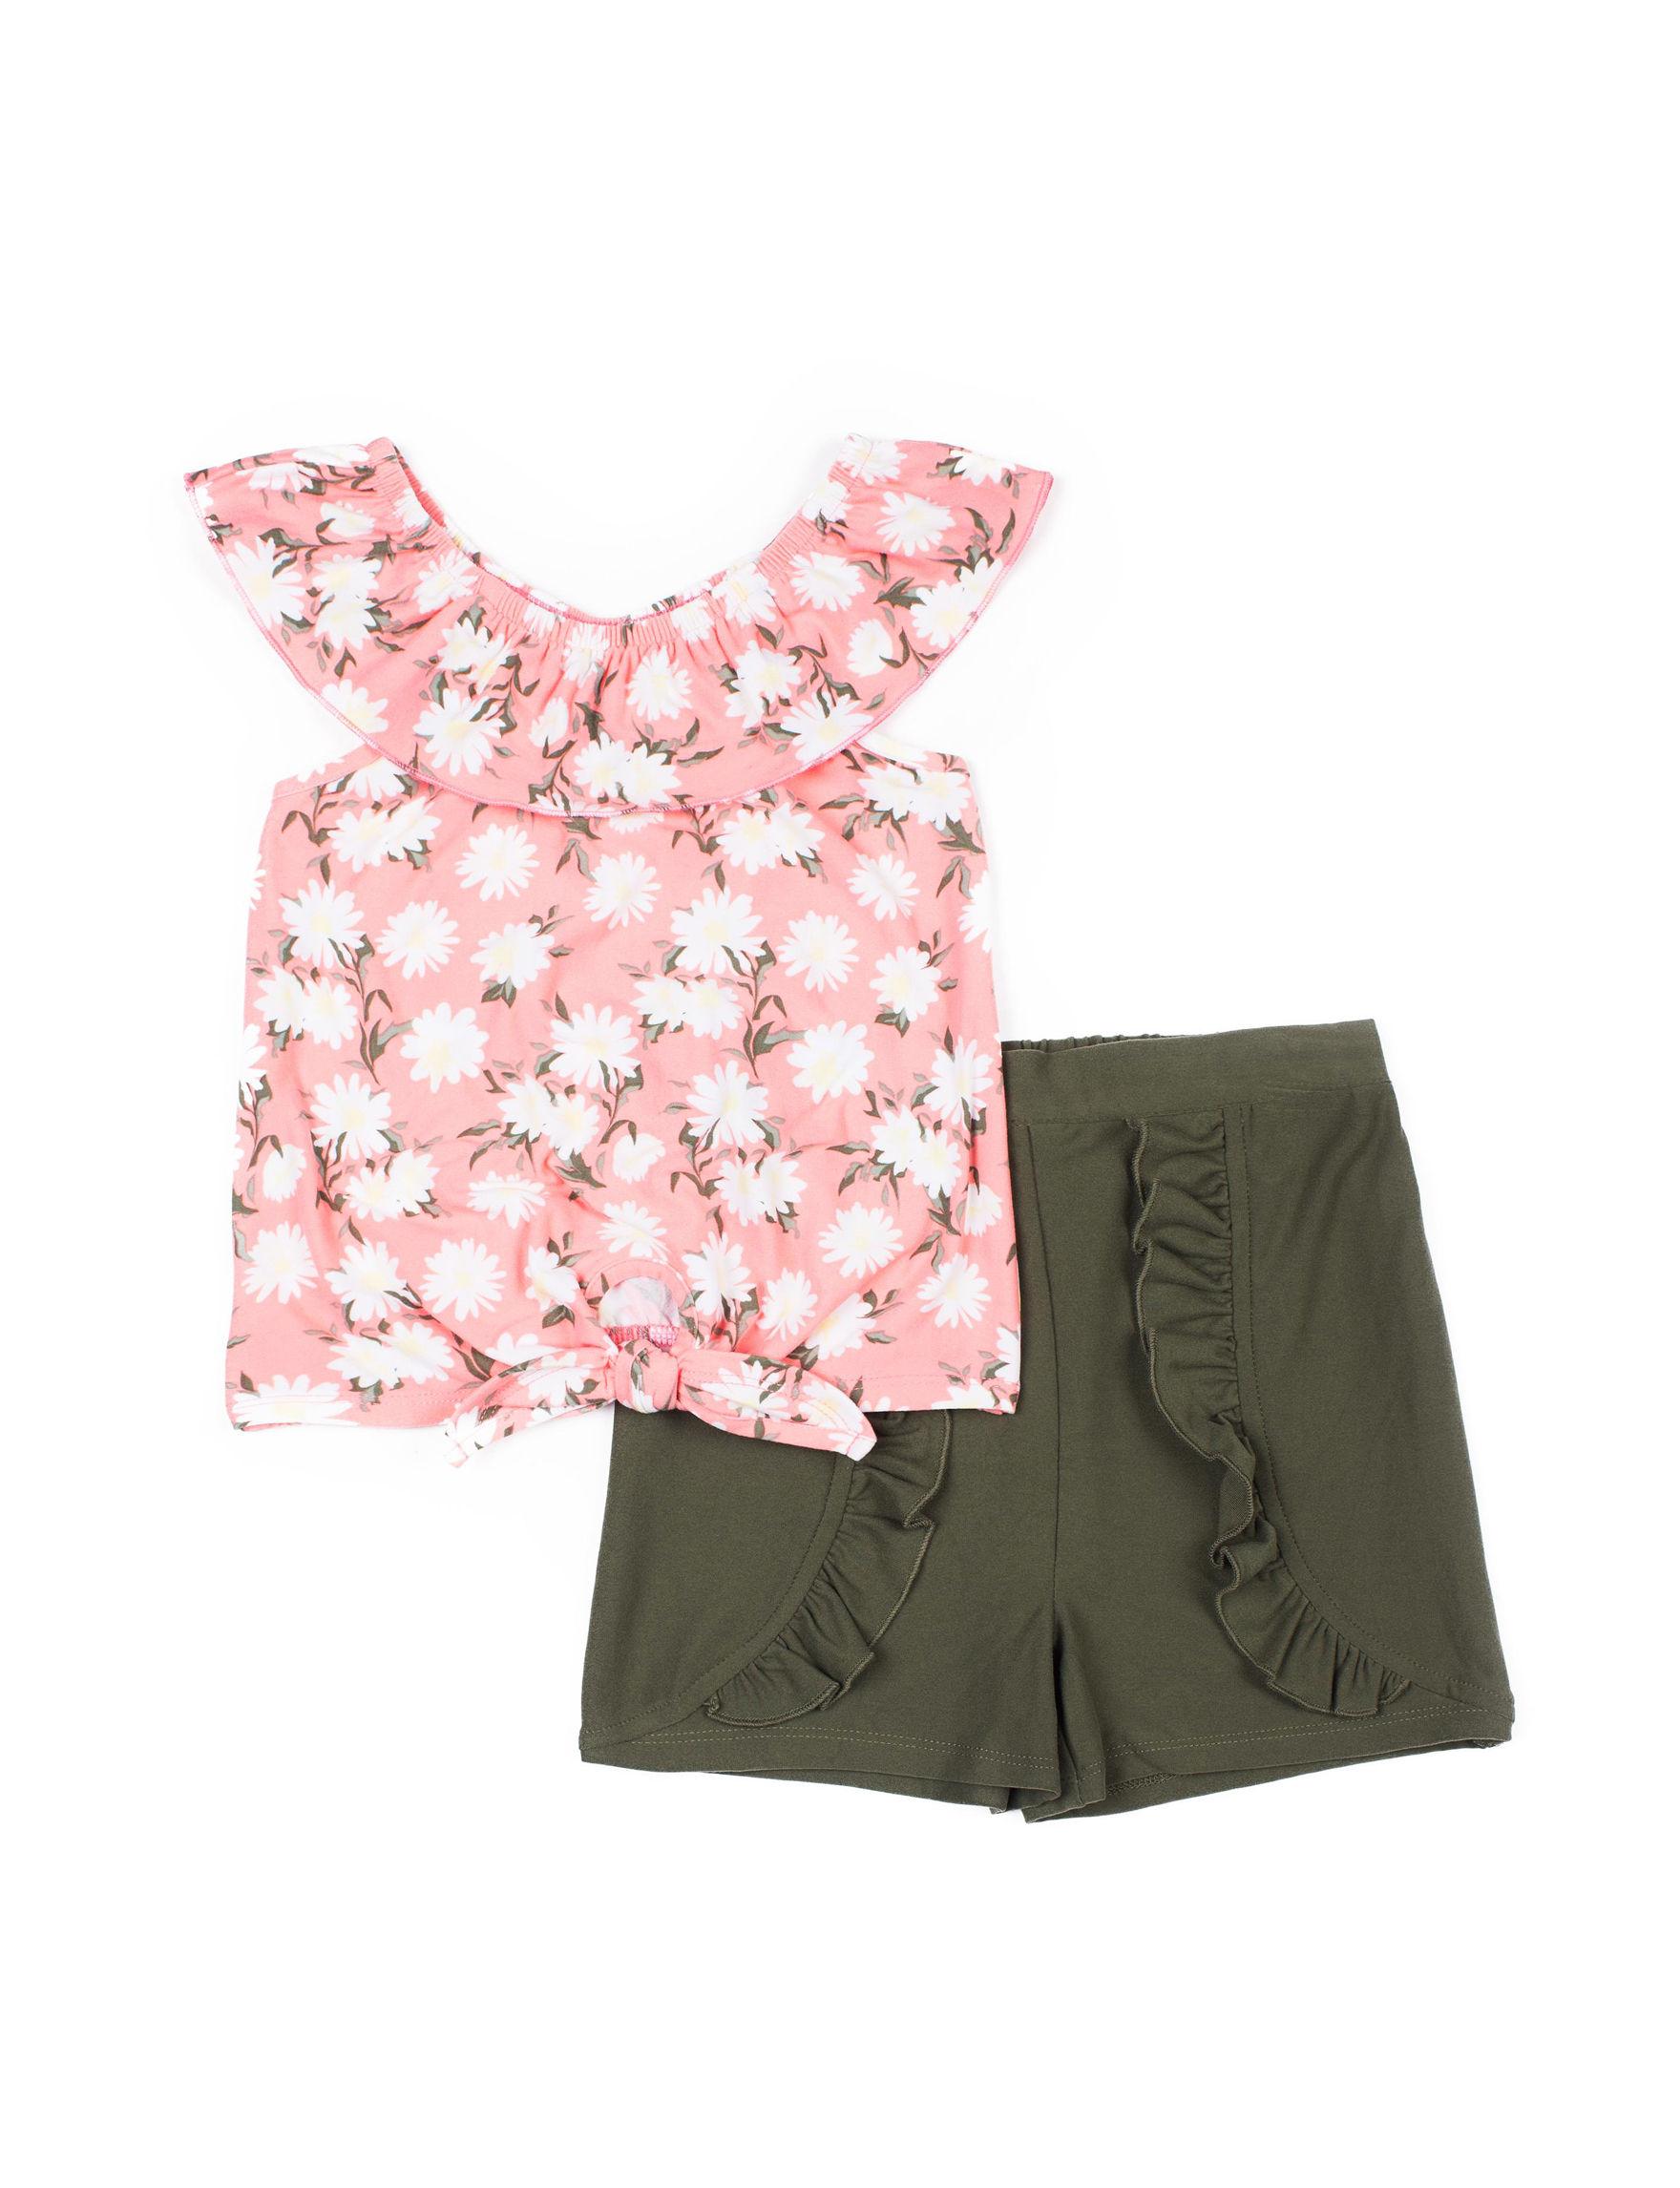 Little Lass Pink / Green